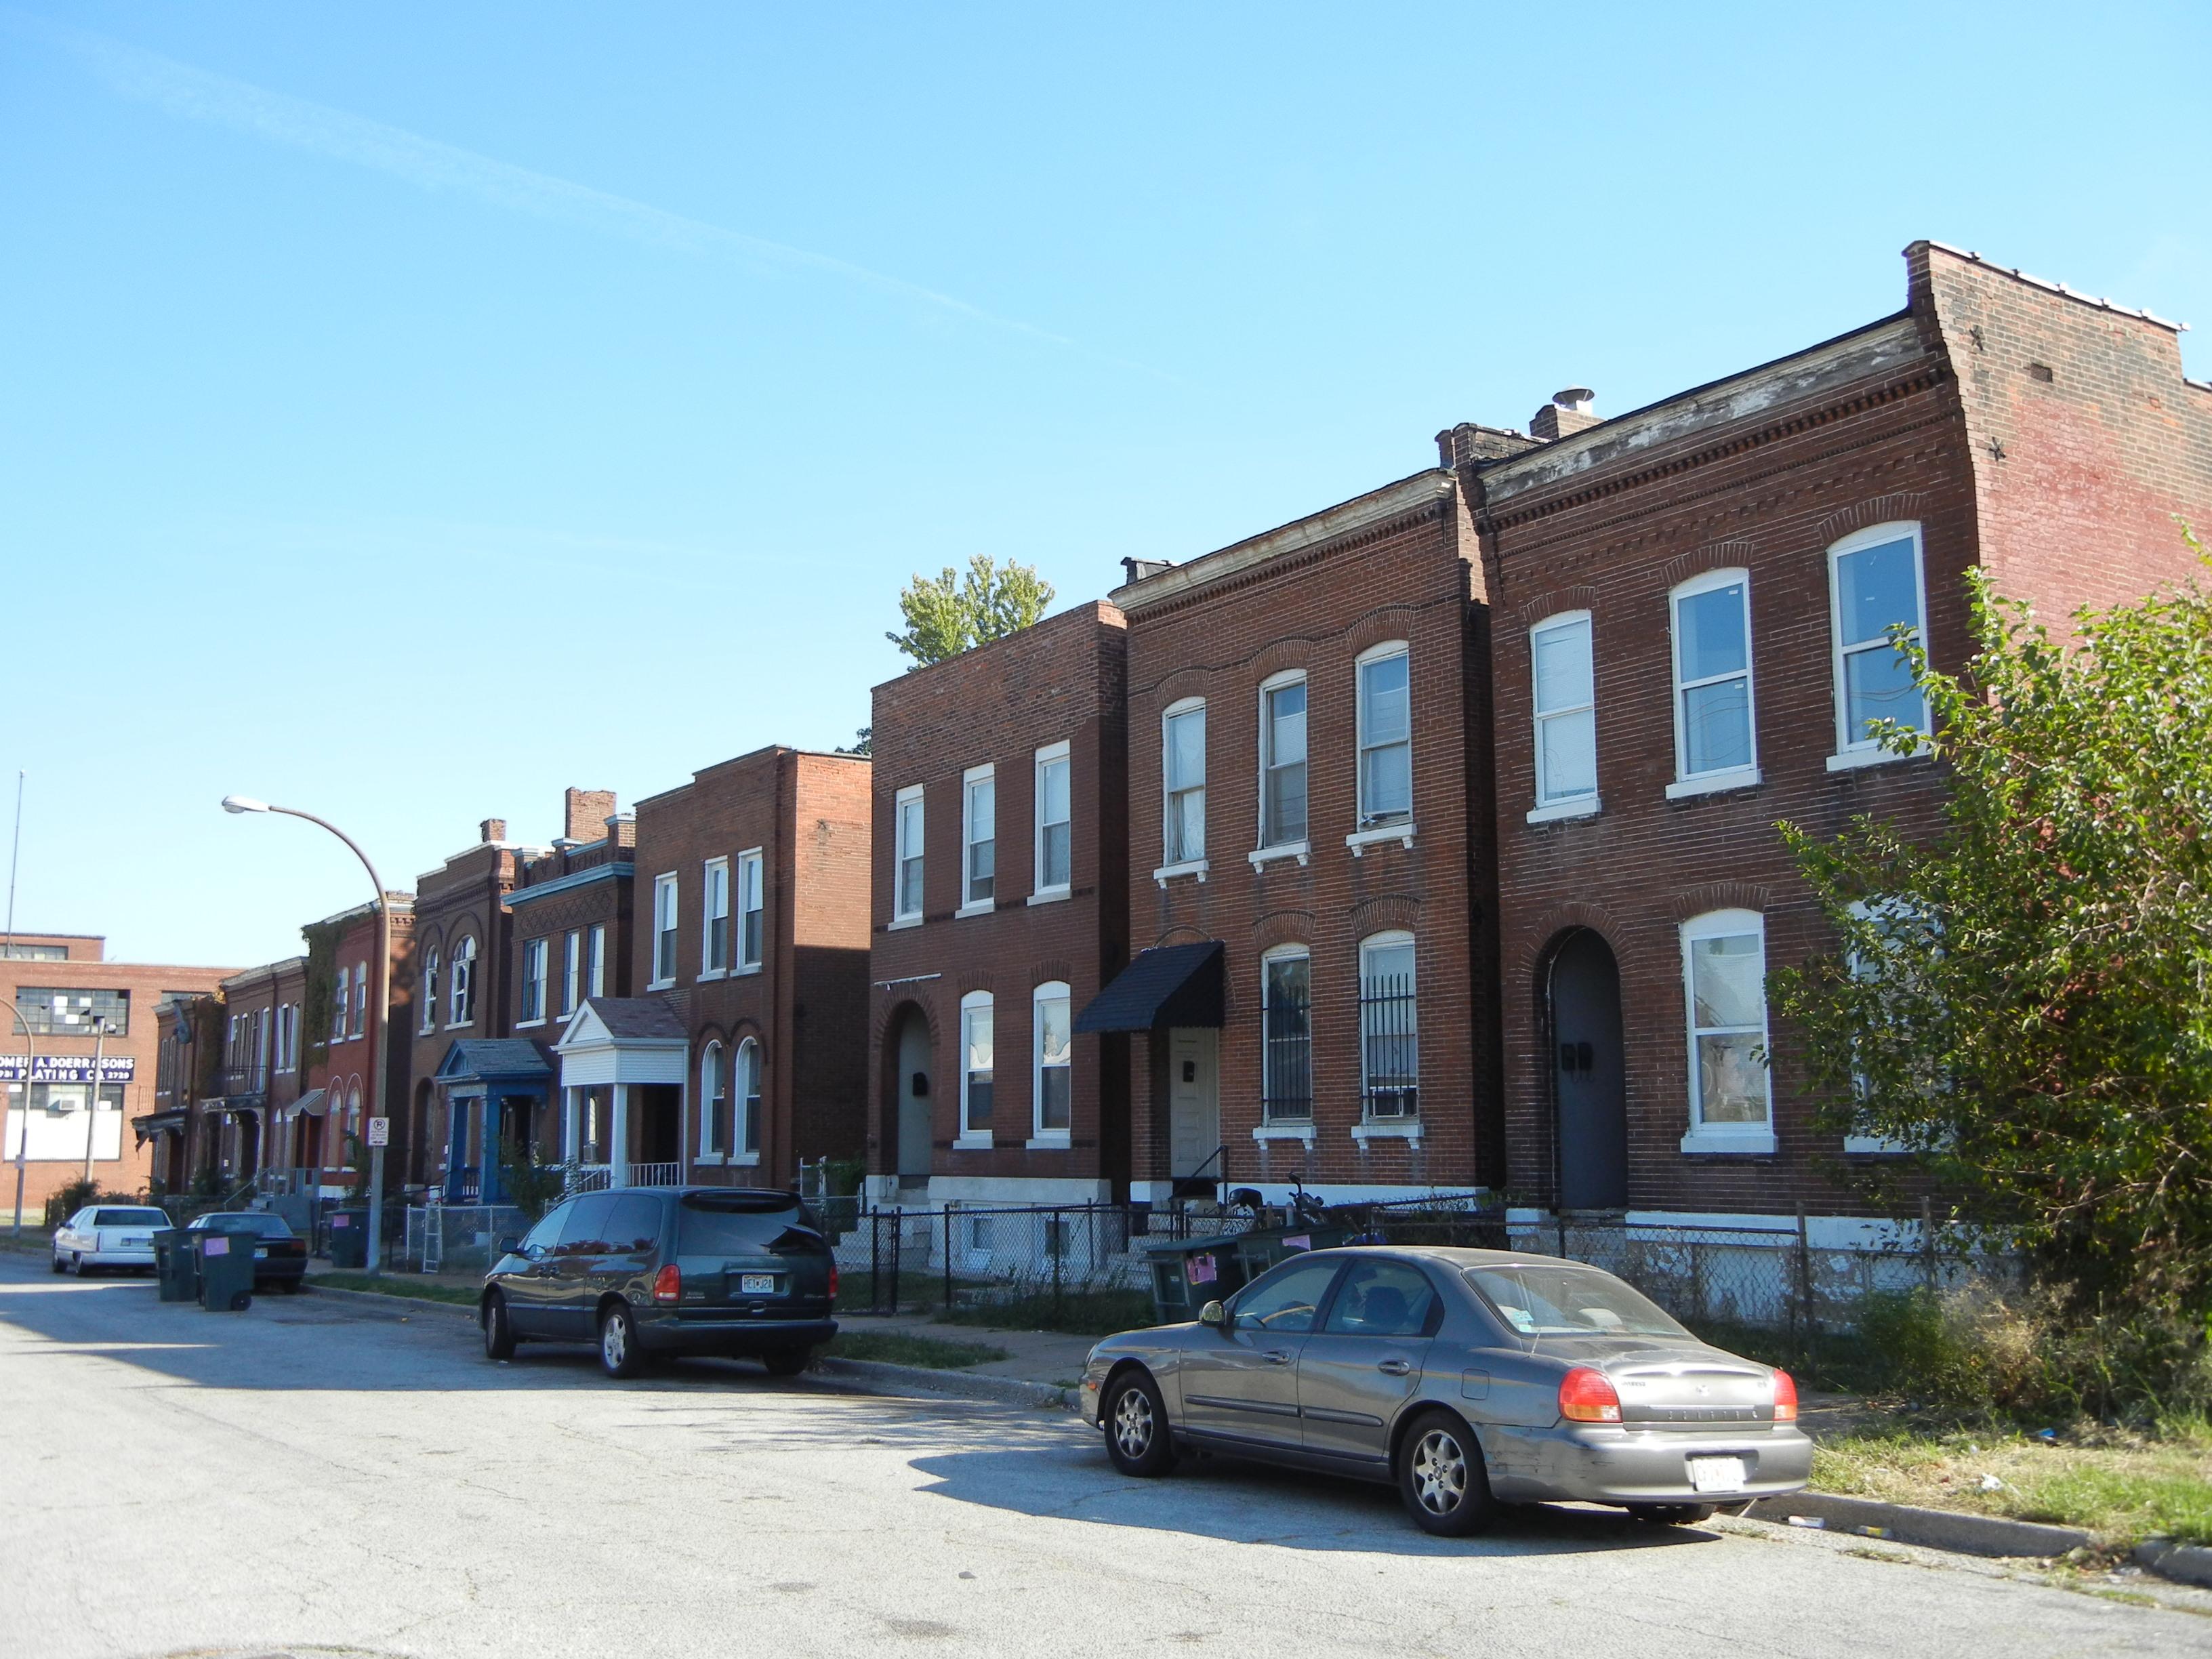 No More Subtractive Urbanism in North City